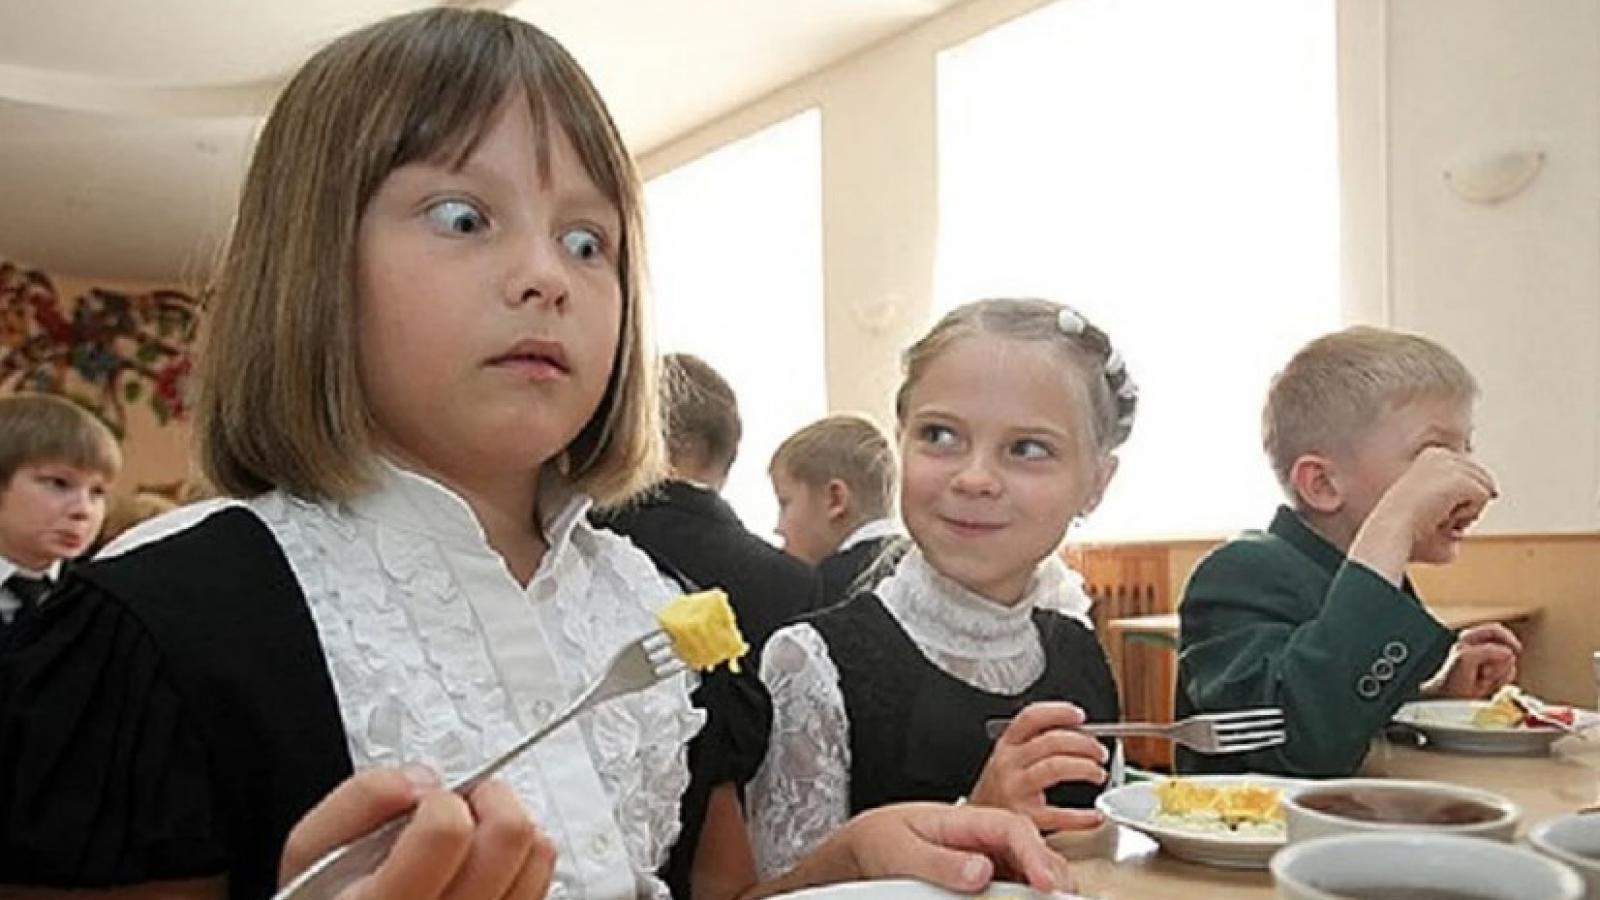 Сколько стоят бесплатные школьные обеды?